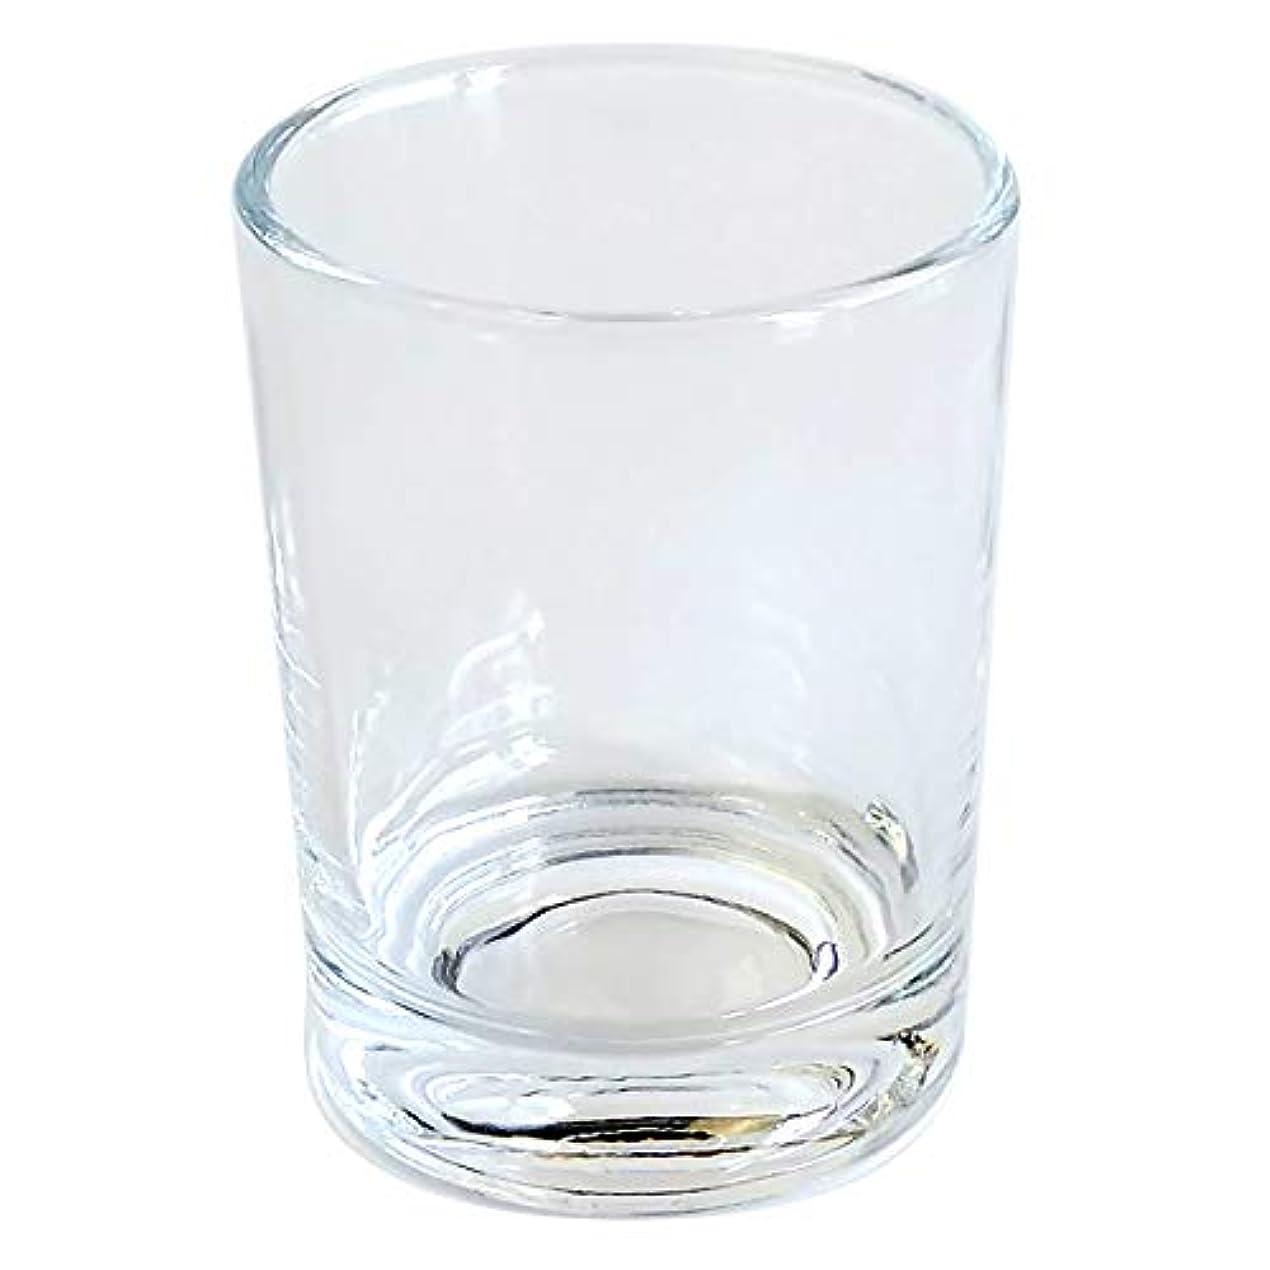 シャッター哲学的せがむキャンドルホルダー ガラス シンプル[大] 1個 キャンドルスタンド ろうそく立て おしゃれ